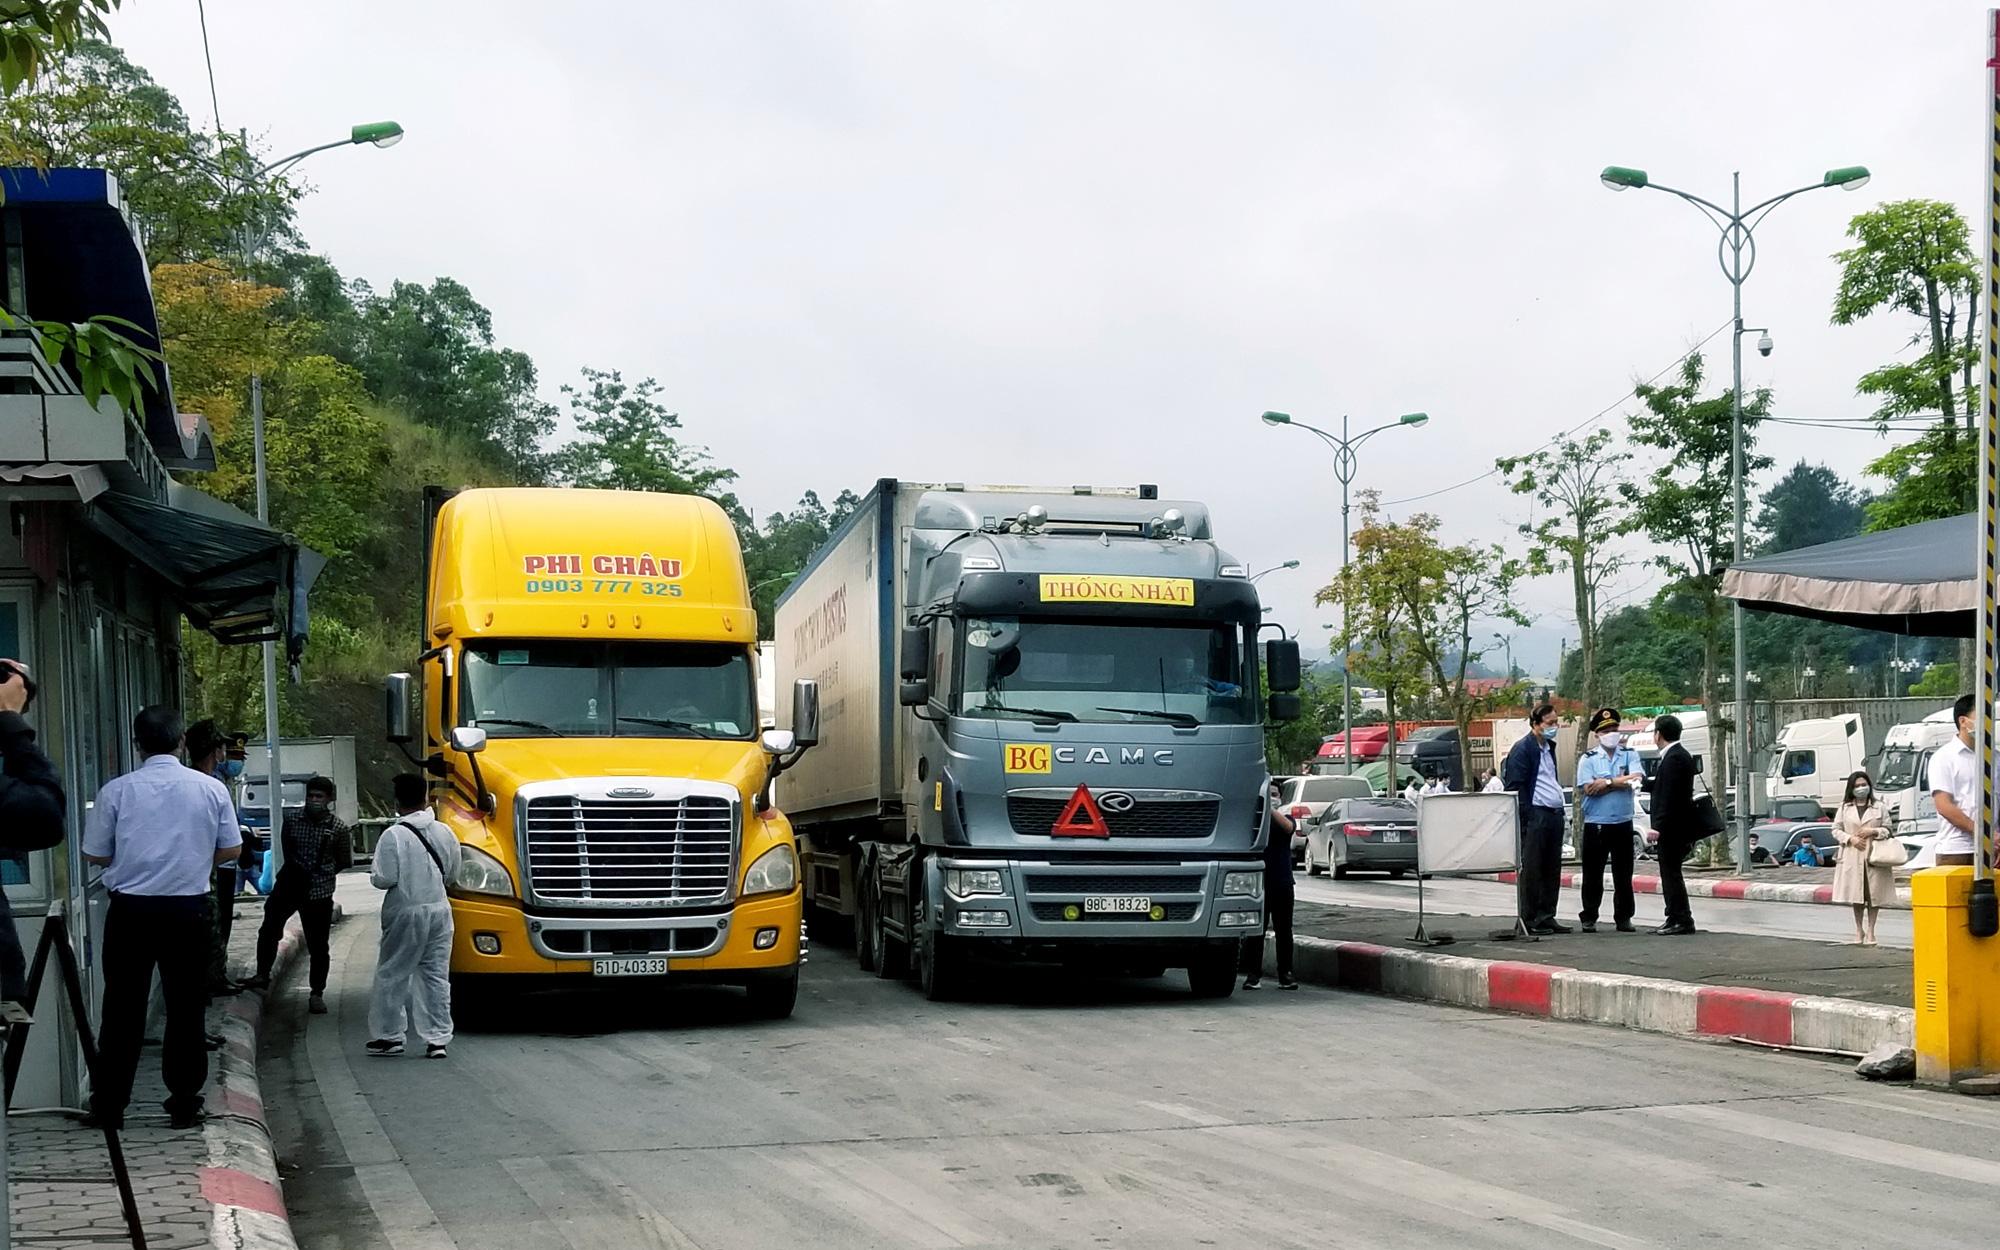 Trung Quốc gắn biển số xe điện tử tất cả các xe ra vào Hữu Nghị Quan từ 1/5